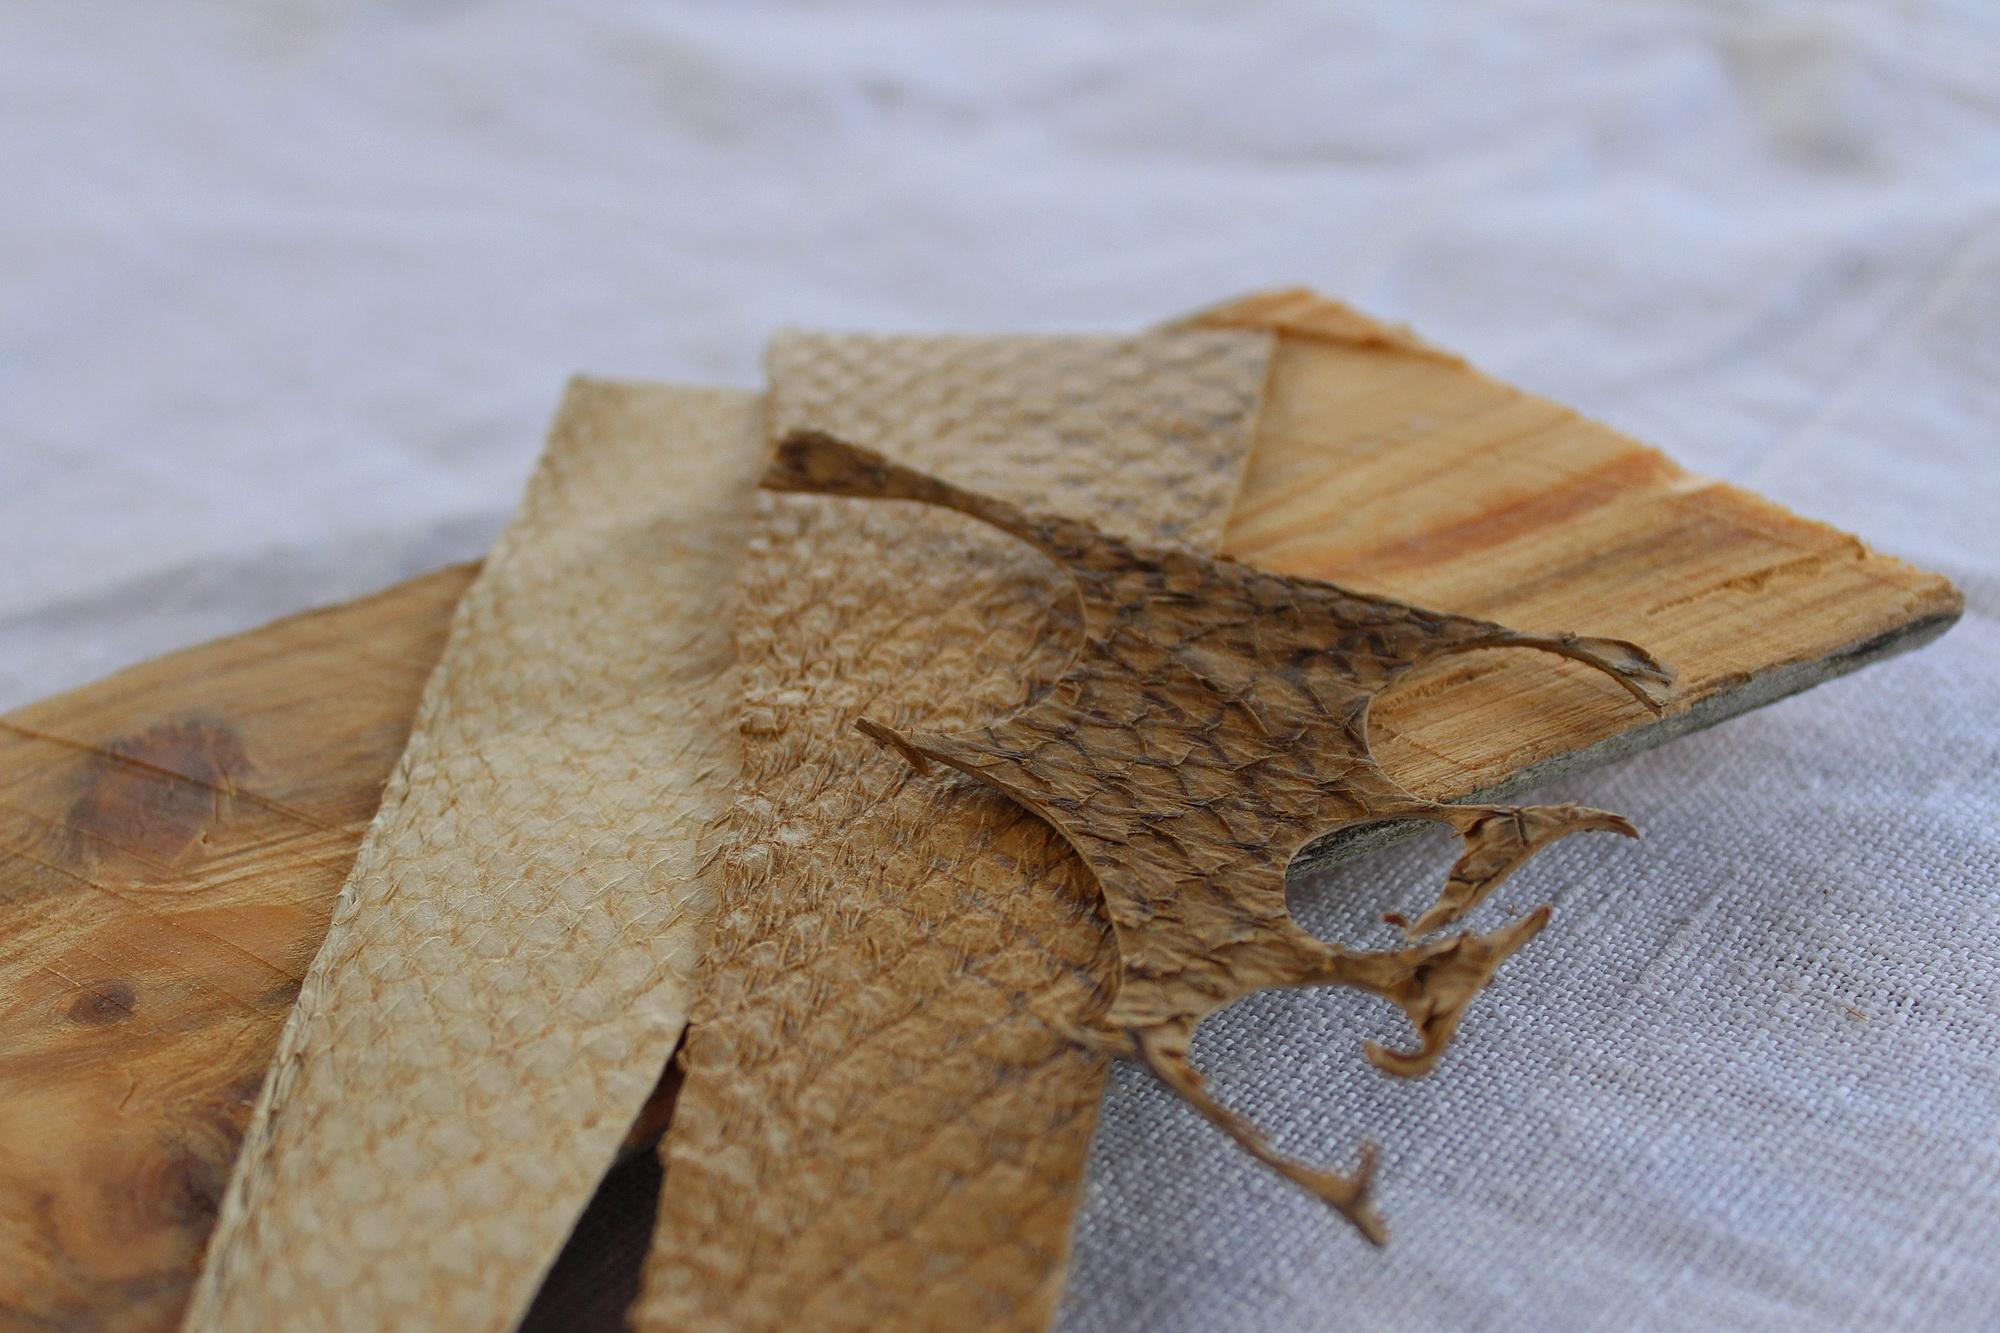 Fischleder Haut vom Lachs